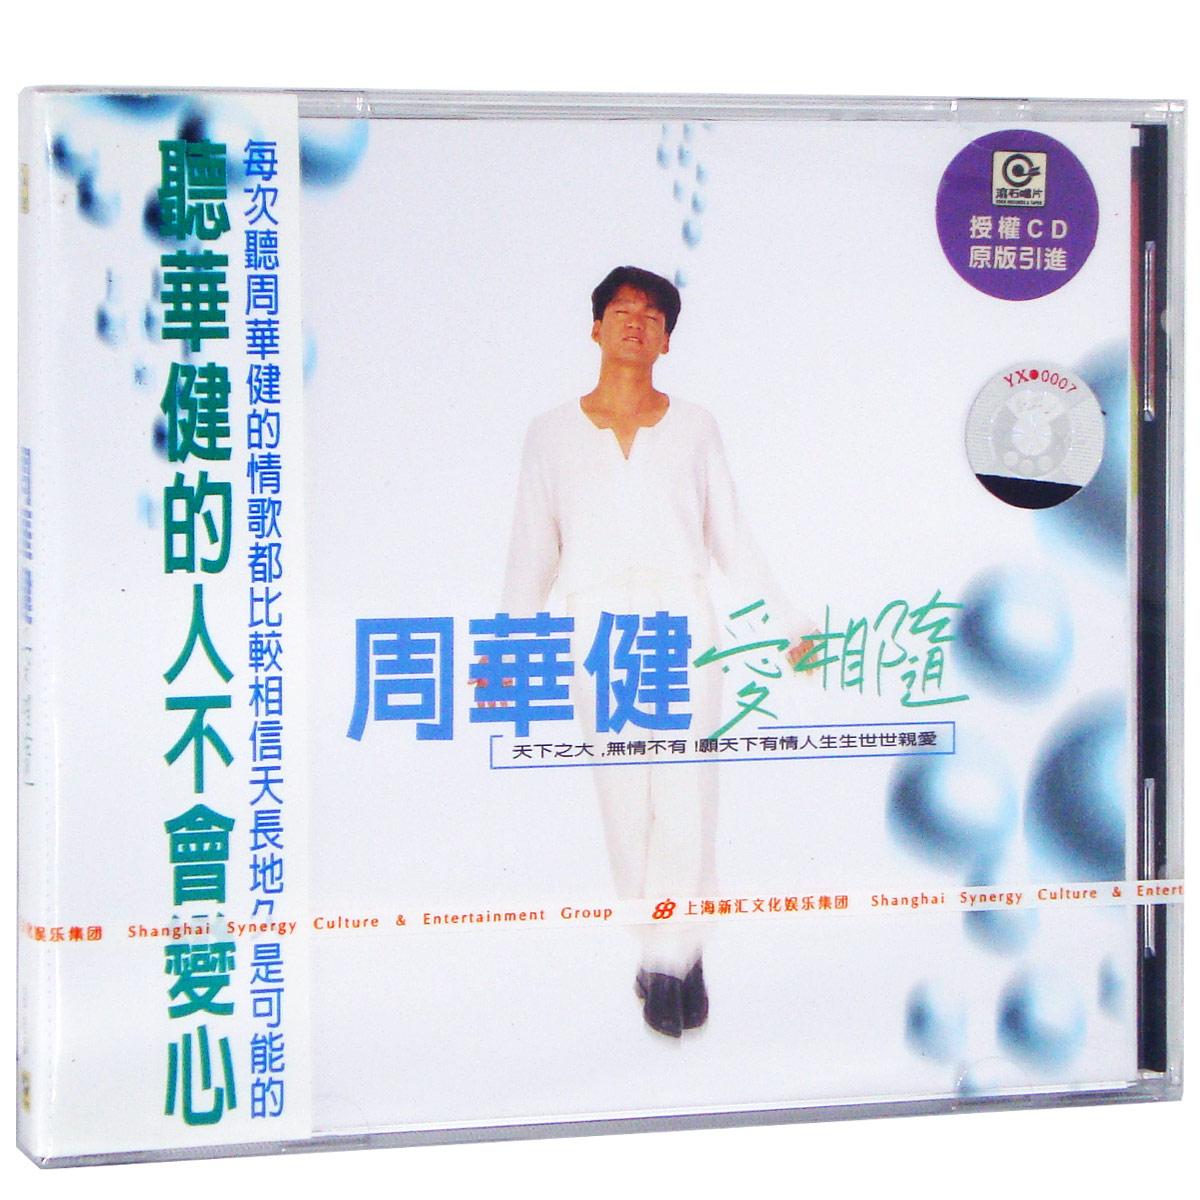 【正版特价】周华健【爱相随】CD上海声像 女儿歌 天下有情人 谁